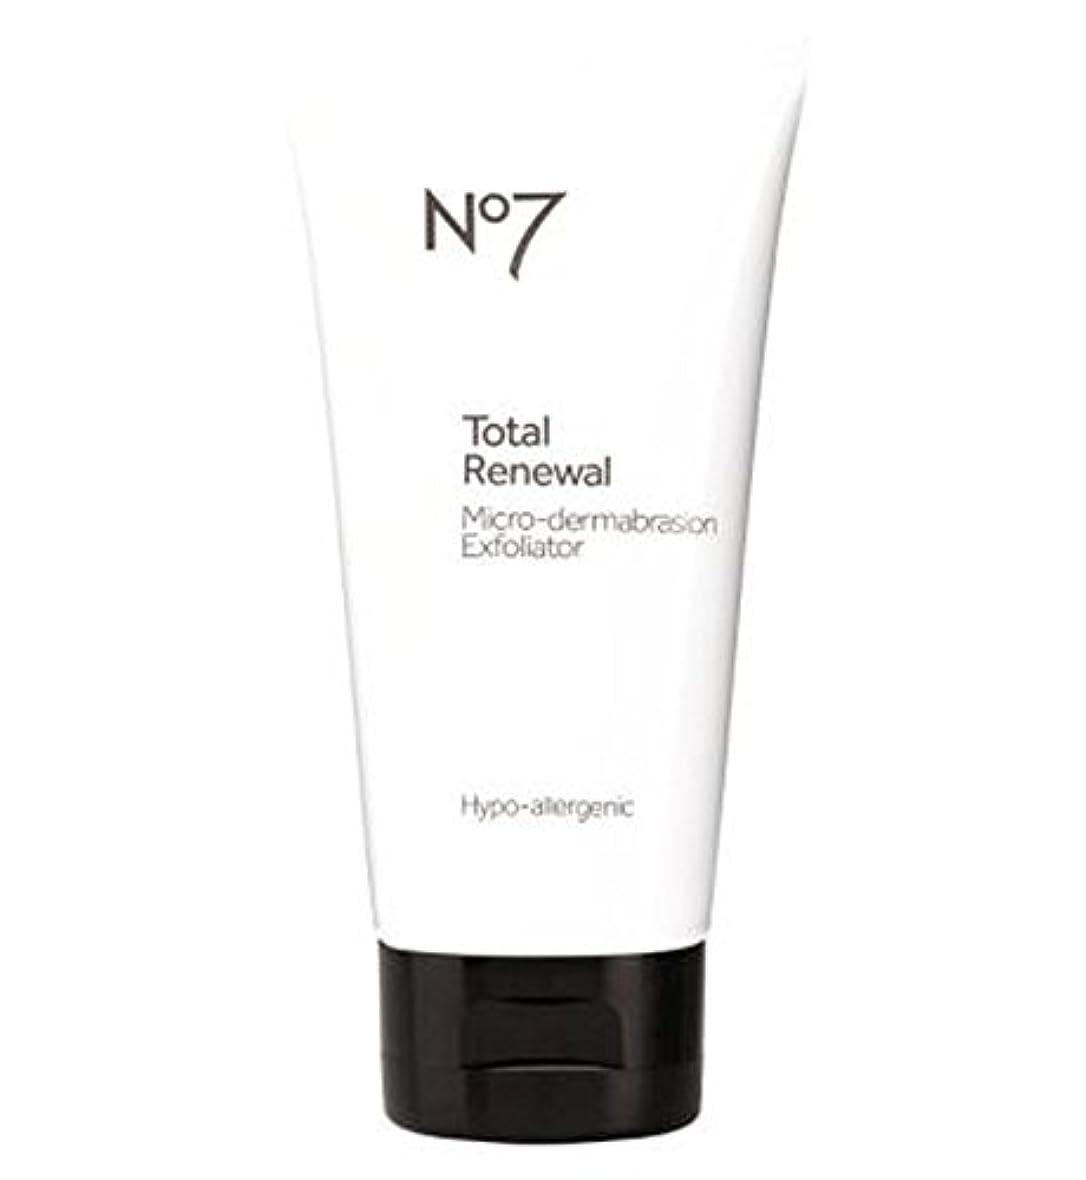 ブランチはがきそれるNo7 Total Renewal Micro-dermabrasion Face Exfoliator - No7総リニューアルマイクロ皮膚剥離面エクスフォリエーター (No7) [並行輸入品]